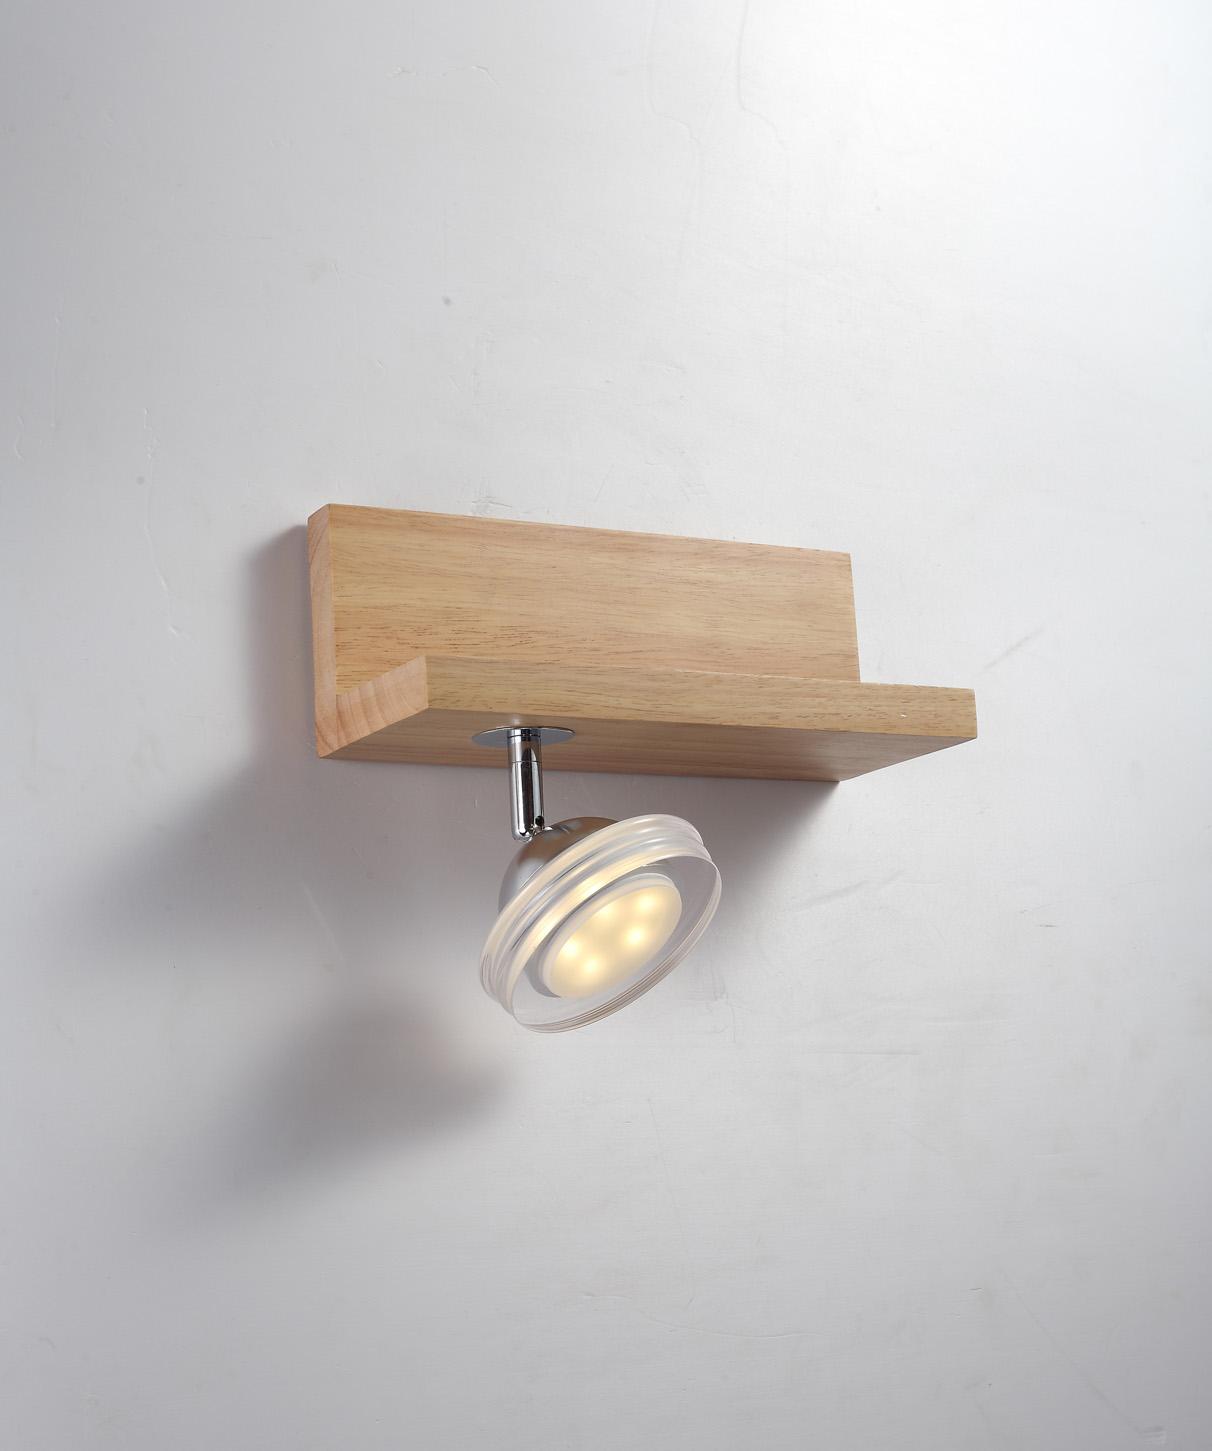 Бра NaturaБра<br>&amp;lt;div&amp;gt;Вид цоколя: LED&amp;lt;/div&amp;gt;&amp;lt;div&amp;gt;Мощность: &amp;amp;nbsp;5W&amp;amp;nbsp;&amp;lt;/div&amp;gt;&amp;lt;div&amp;gt;Количество ламп: 1&amp;lt;/div&amp;gt;<br><br>Material: Дерево<br>Width см: 25<br>Depth см: 10<br>Height см: 20